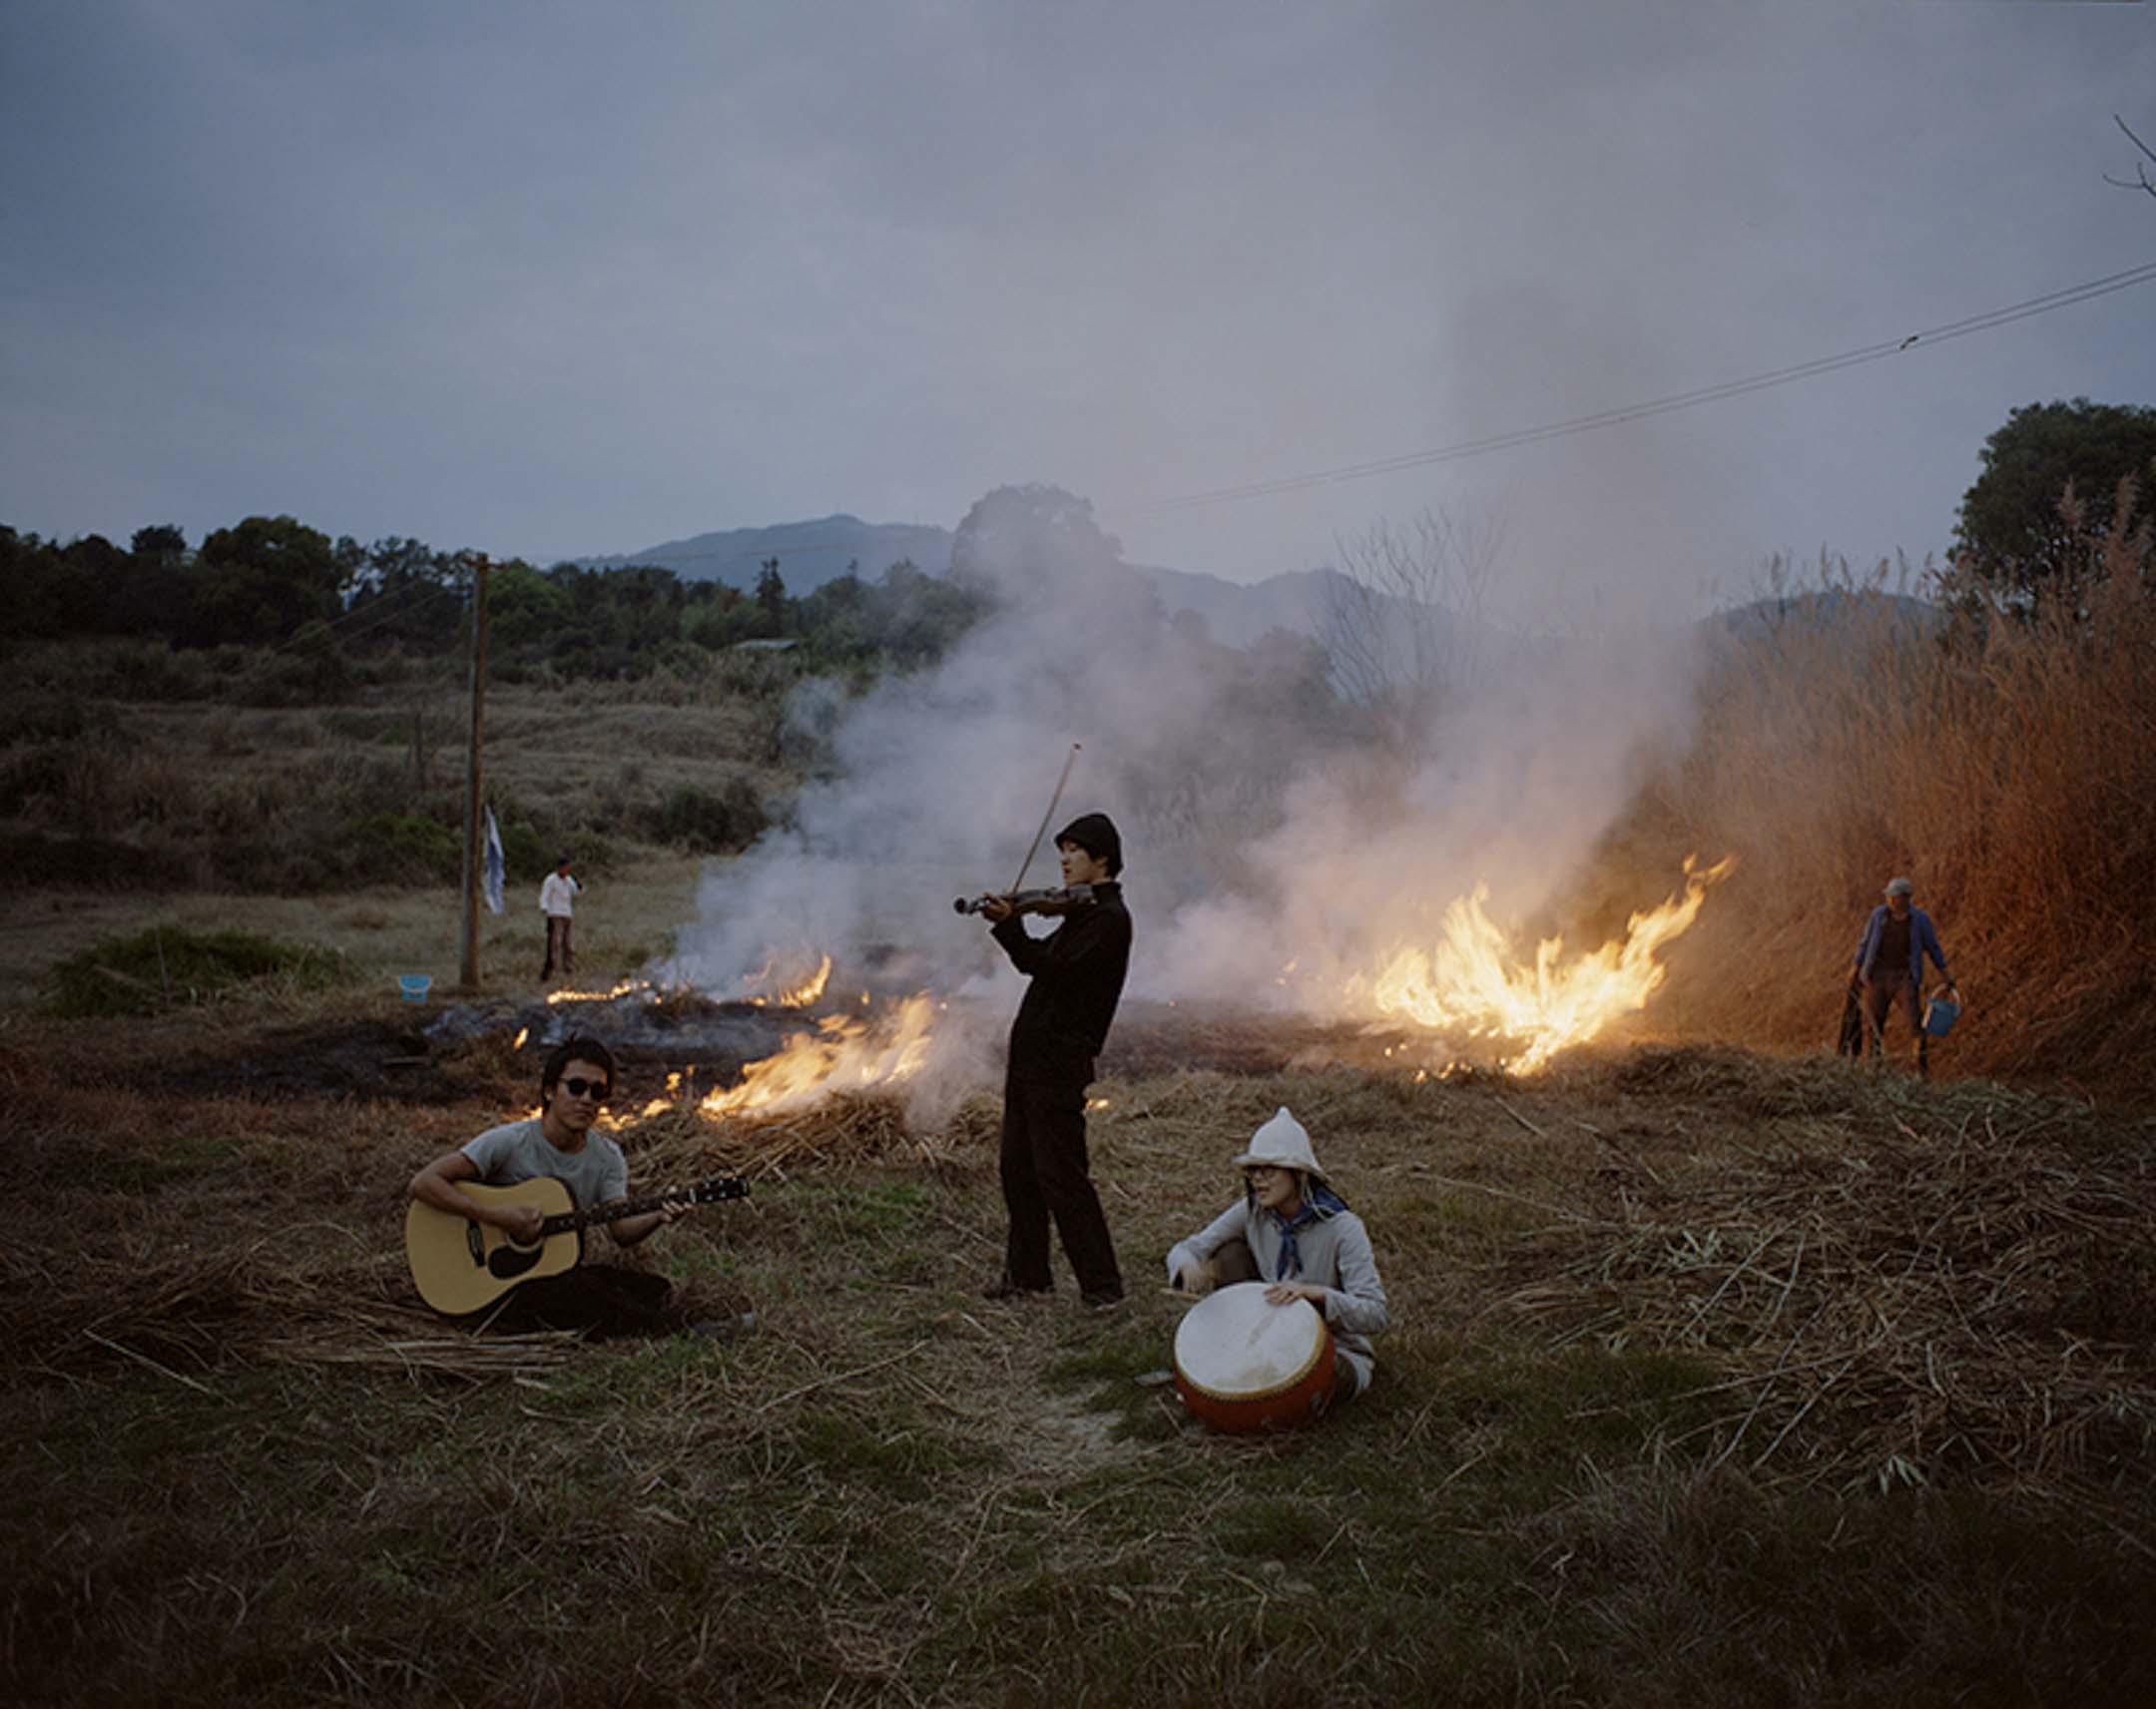 社區成員們在墾荒前將蘆葦和野草燒掉,吉富遙樹、唐冠華和邢振(左至右)見到燒荒的場景後,臨時起意趕到現場演奏。 攝影:李雋輝